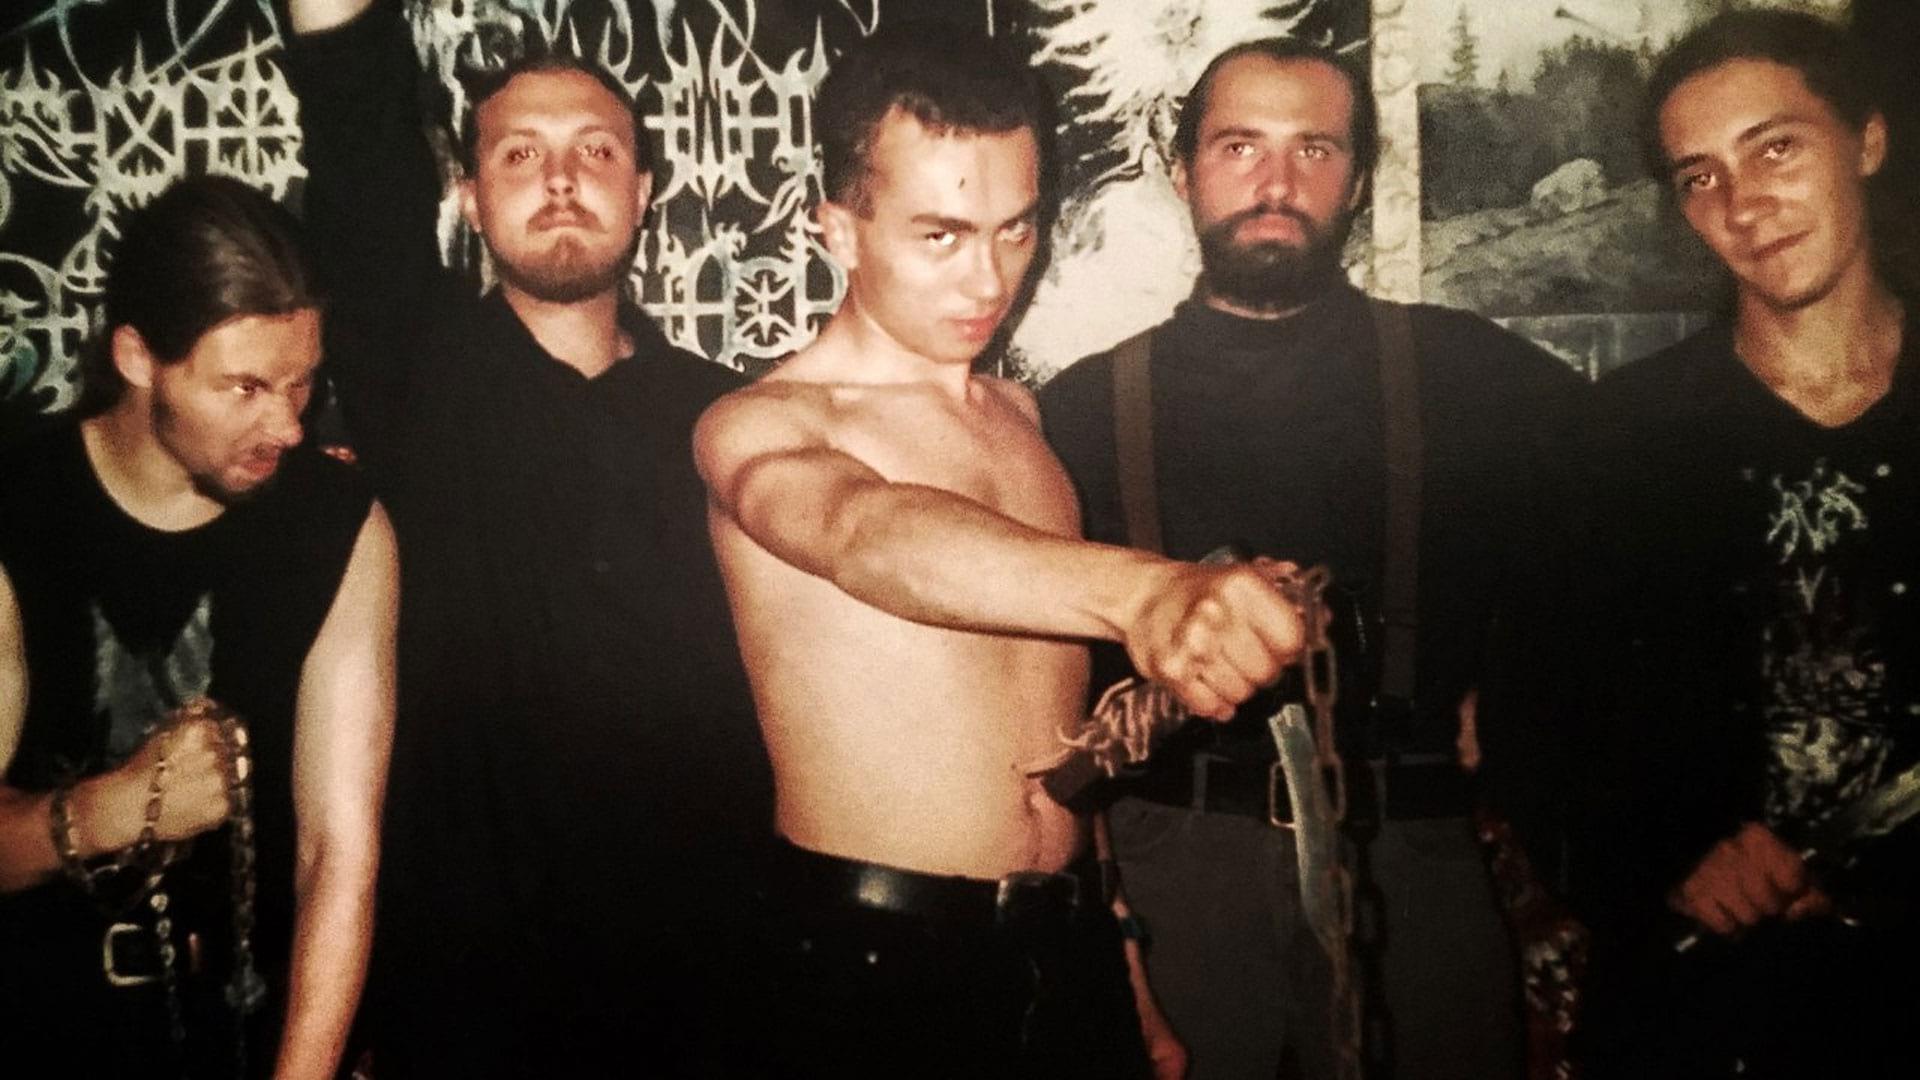 Njard, Ulv Gegner, Moroth, Kaldrad, Ransverdi (2000, Novomoskovsk, Russia)